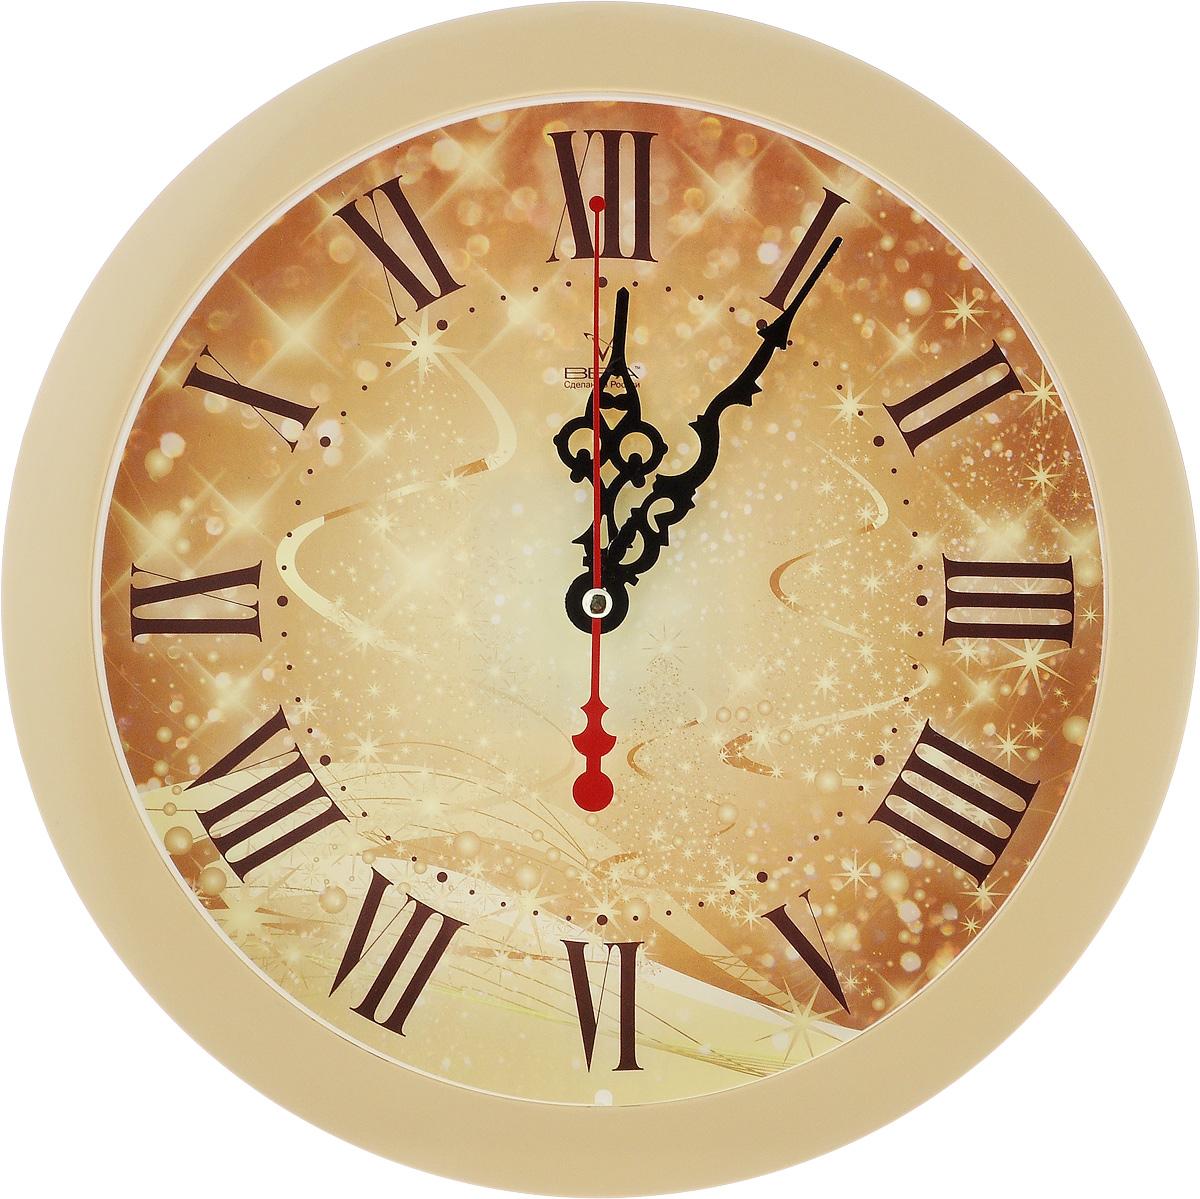 Часы настенные Вега Серпантин, диаметр 28,5 смП1-14/7-306Настенные кварцевые часы Вега Серпантин, изготовленные из пластика, прекрасно впишутся в интерьер вашего дома. Круглые часы имеют три стрелки: часовую, минутную и секундную, циферблат защищен прозрачным стеклом.Часы работают от 1 батарейки типа АА напряжением 1,5 В (не входит в комплект).Диаметр часов: 28,5 см.